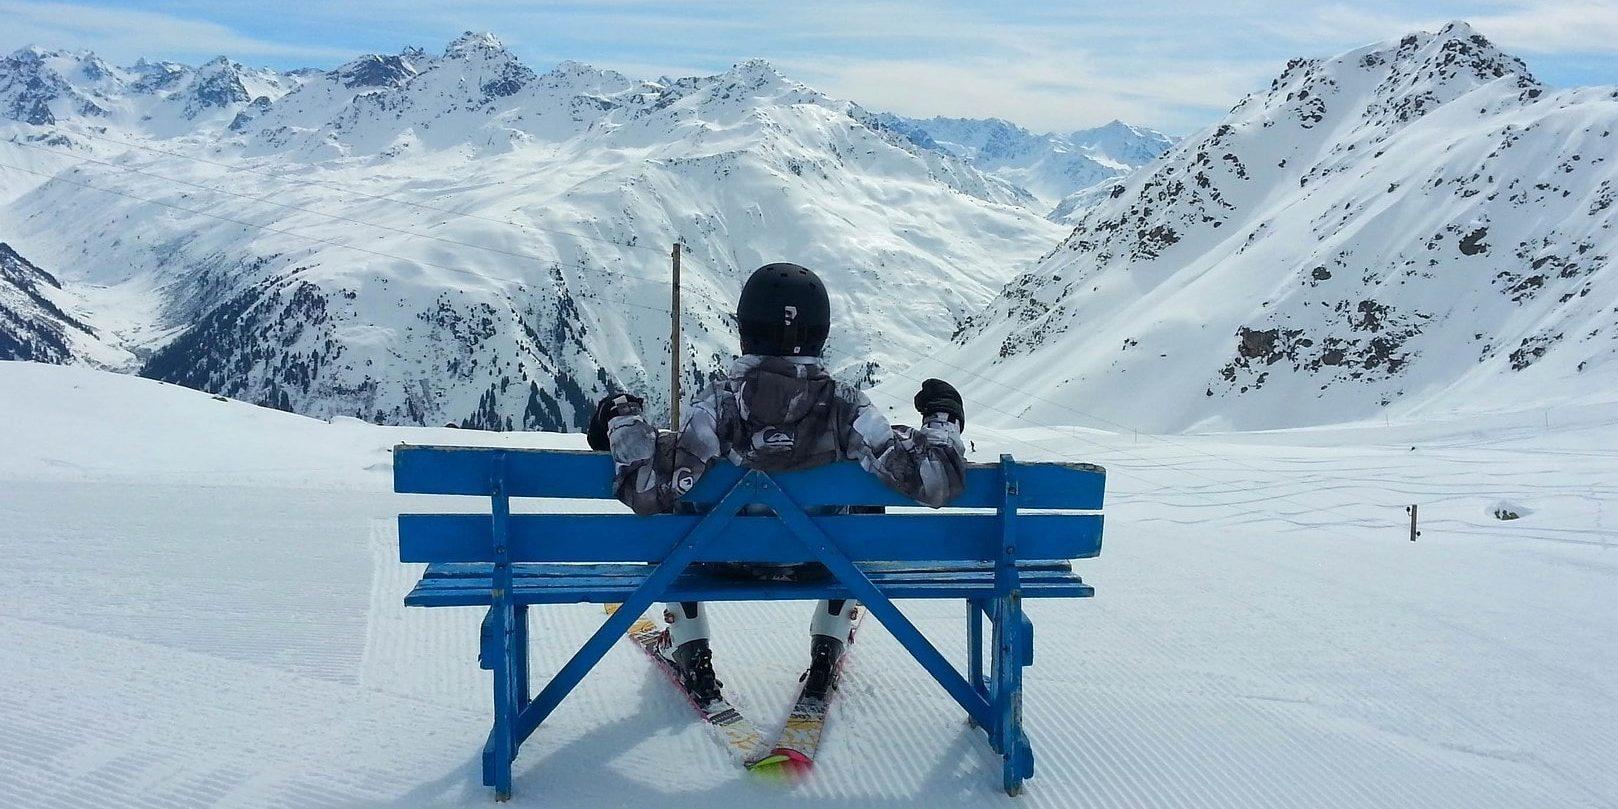 Fantastisch uitzicht Frankrijk Oostenrijk Zwitserland wintersport skivakantie luxe pauze skiër sneeuw bank blauw sneeuw uitzicht bergen